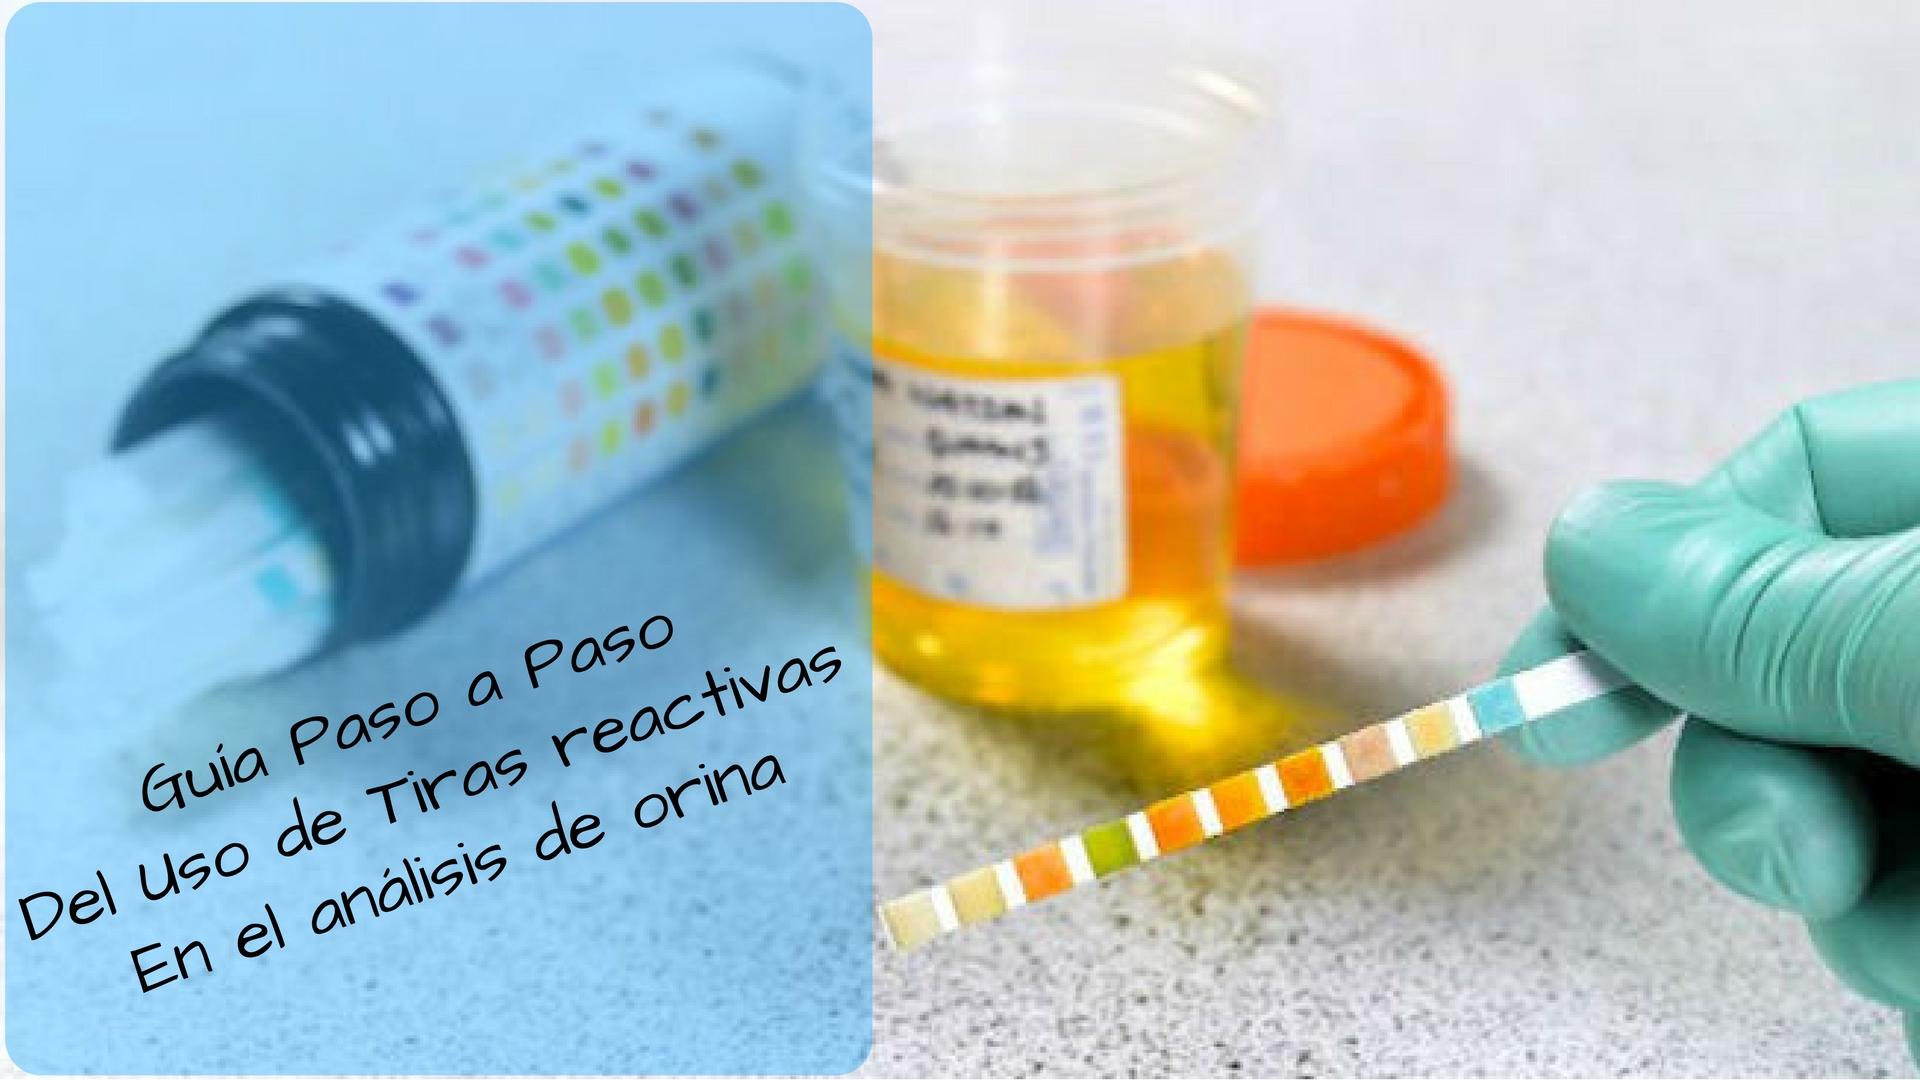 instrucciones de prueba de diabetes de embarazo